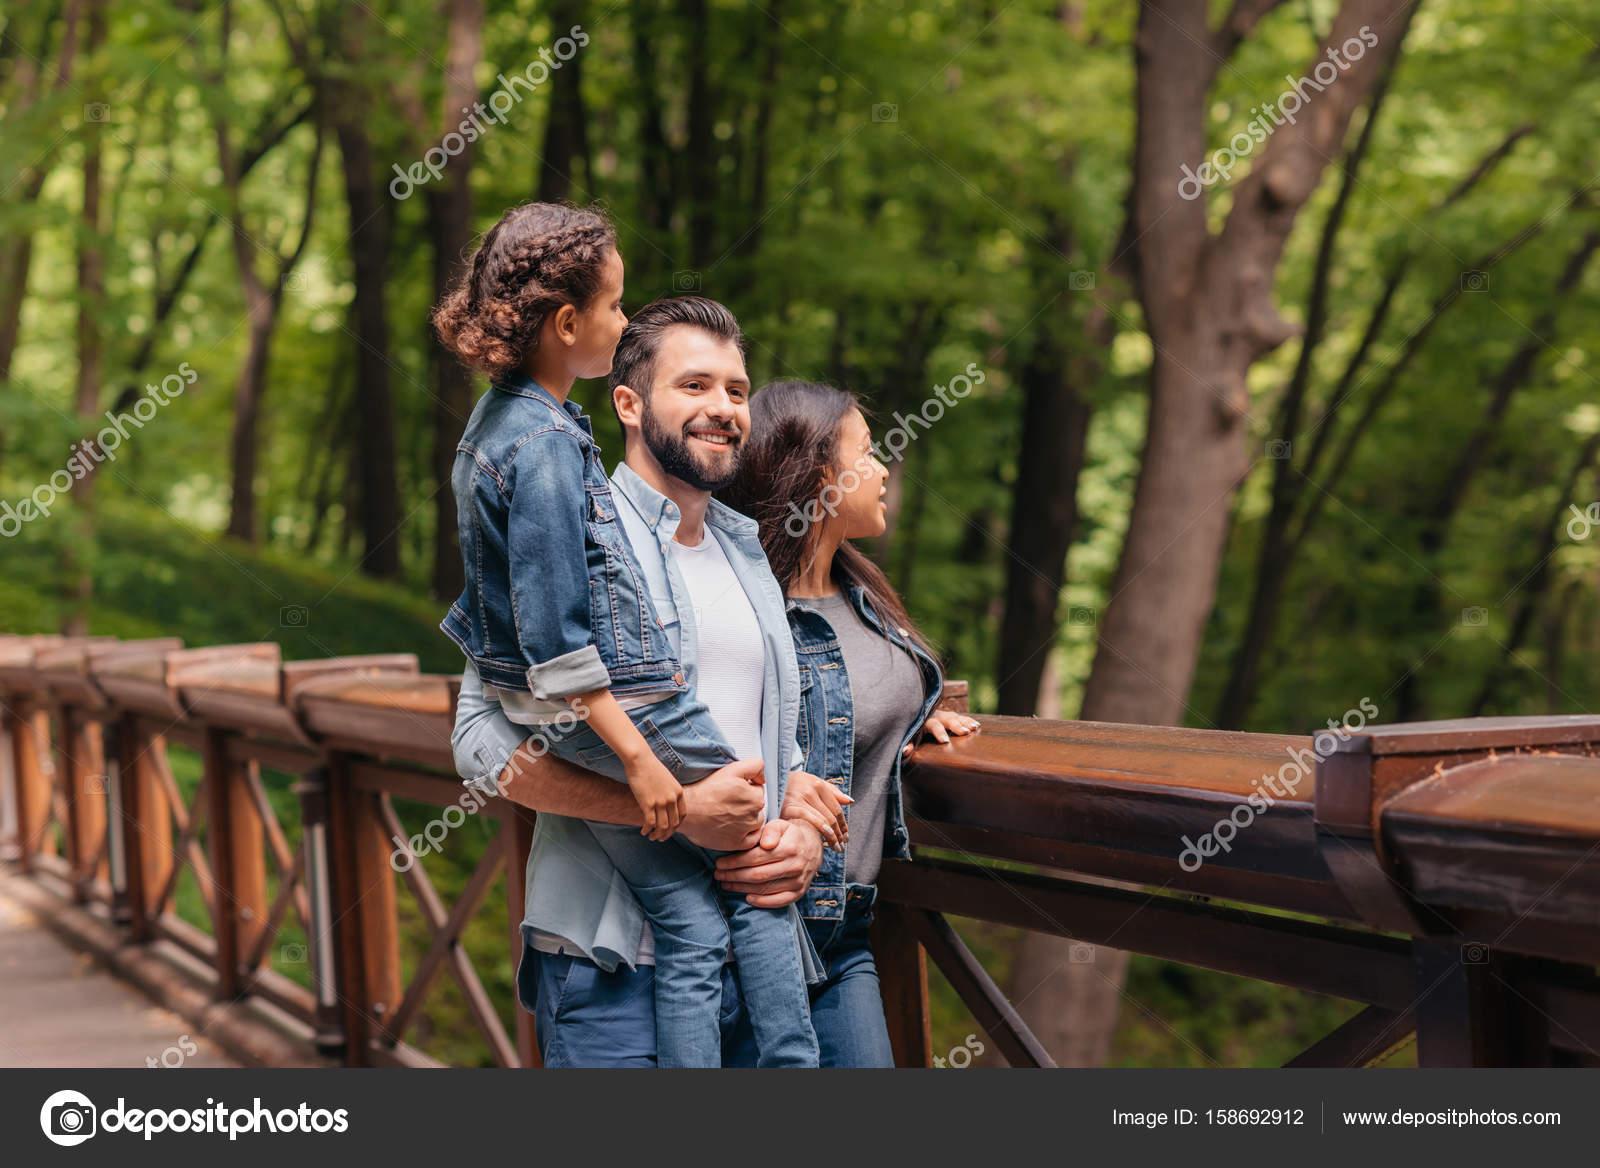 incontri interrazziale famiglia problemi senza legami incontri